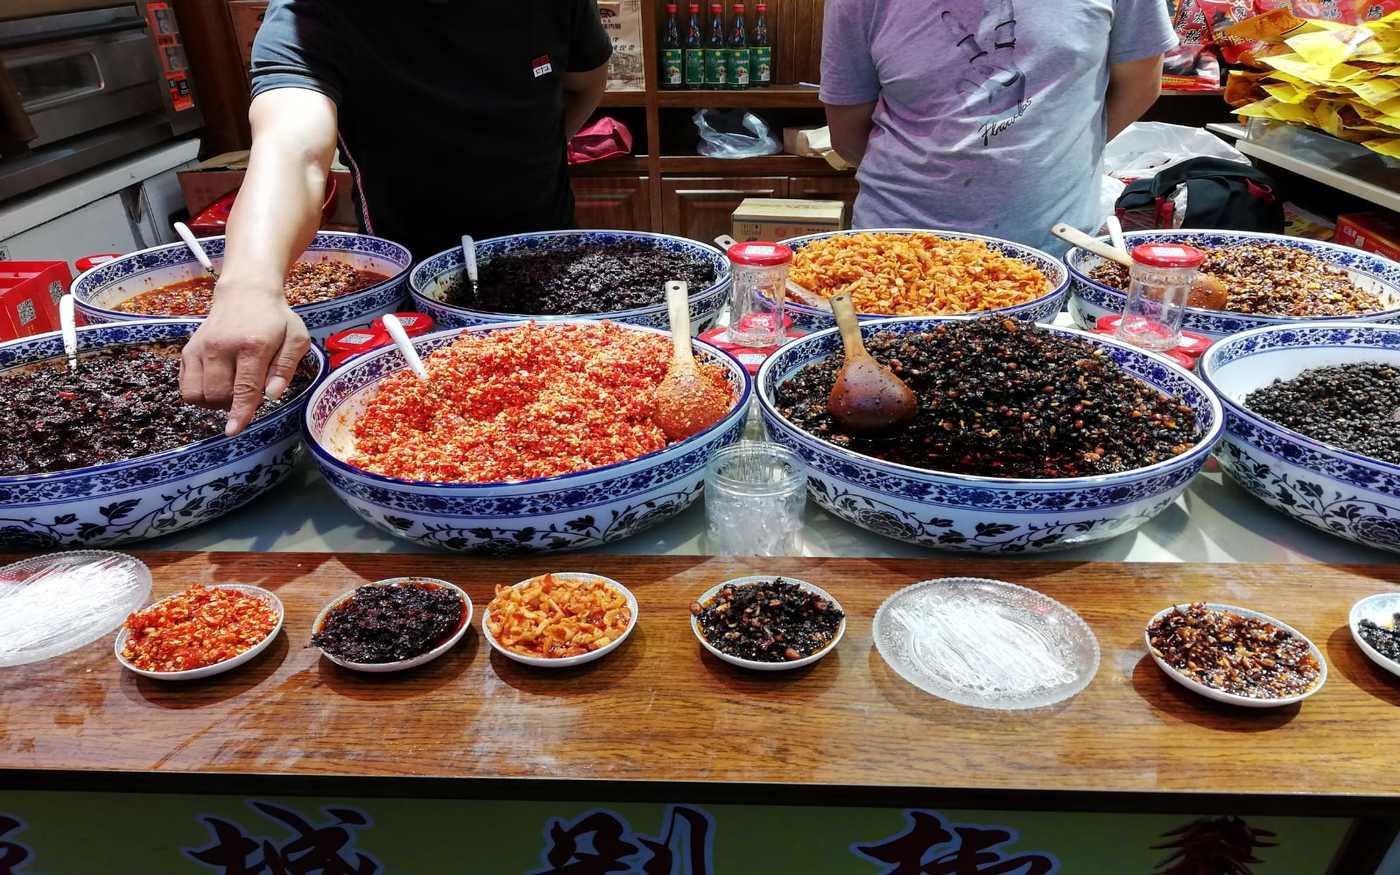 Sklep spożywczy w Pekinie